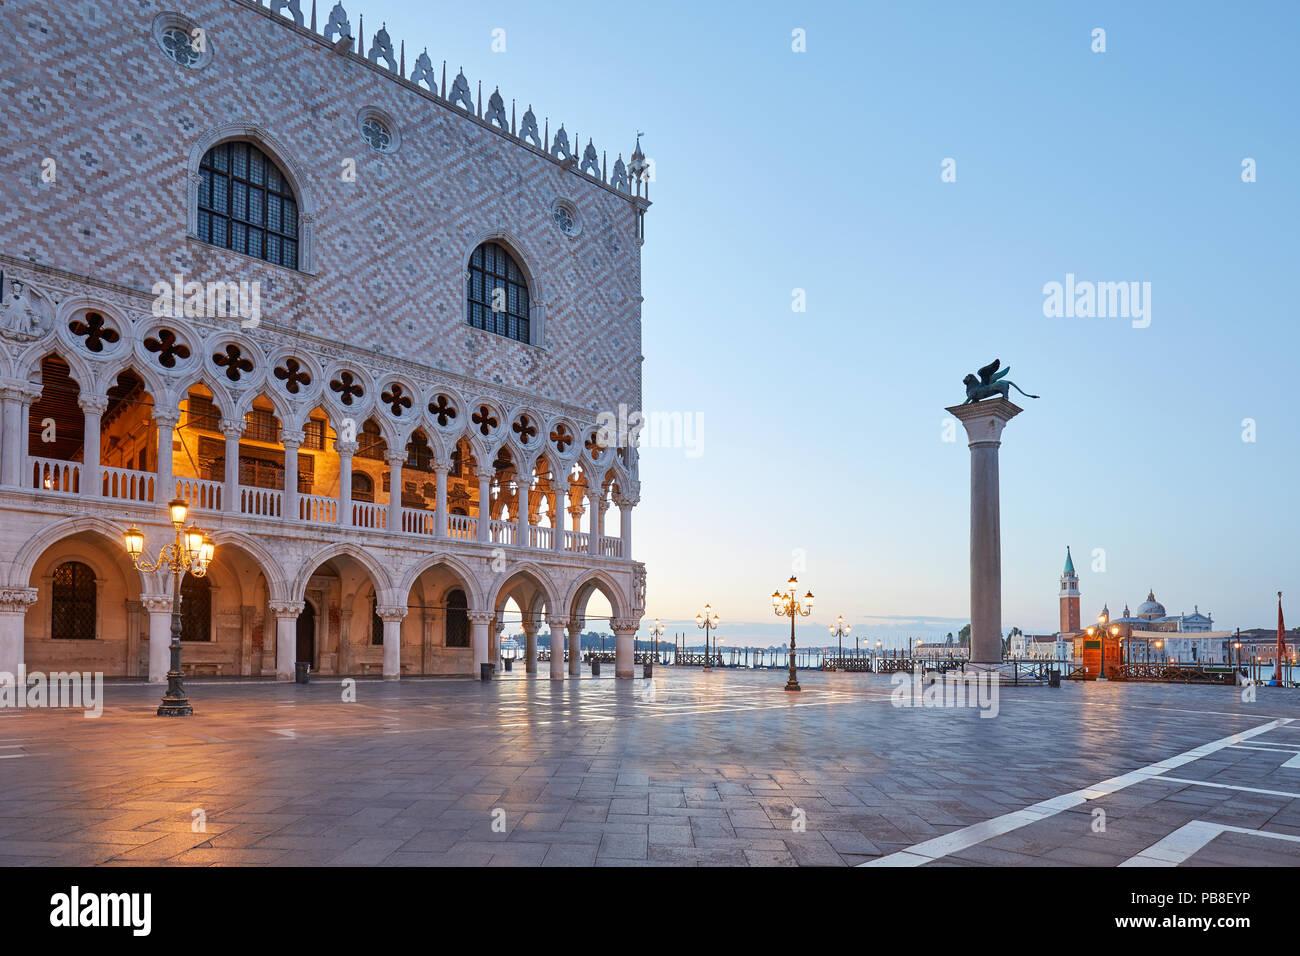 La plaza de San Marcos, el Palacio Ducal y la columna con león estatua, nadie al amanecer en Venecia, Italia Imagen De Stock